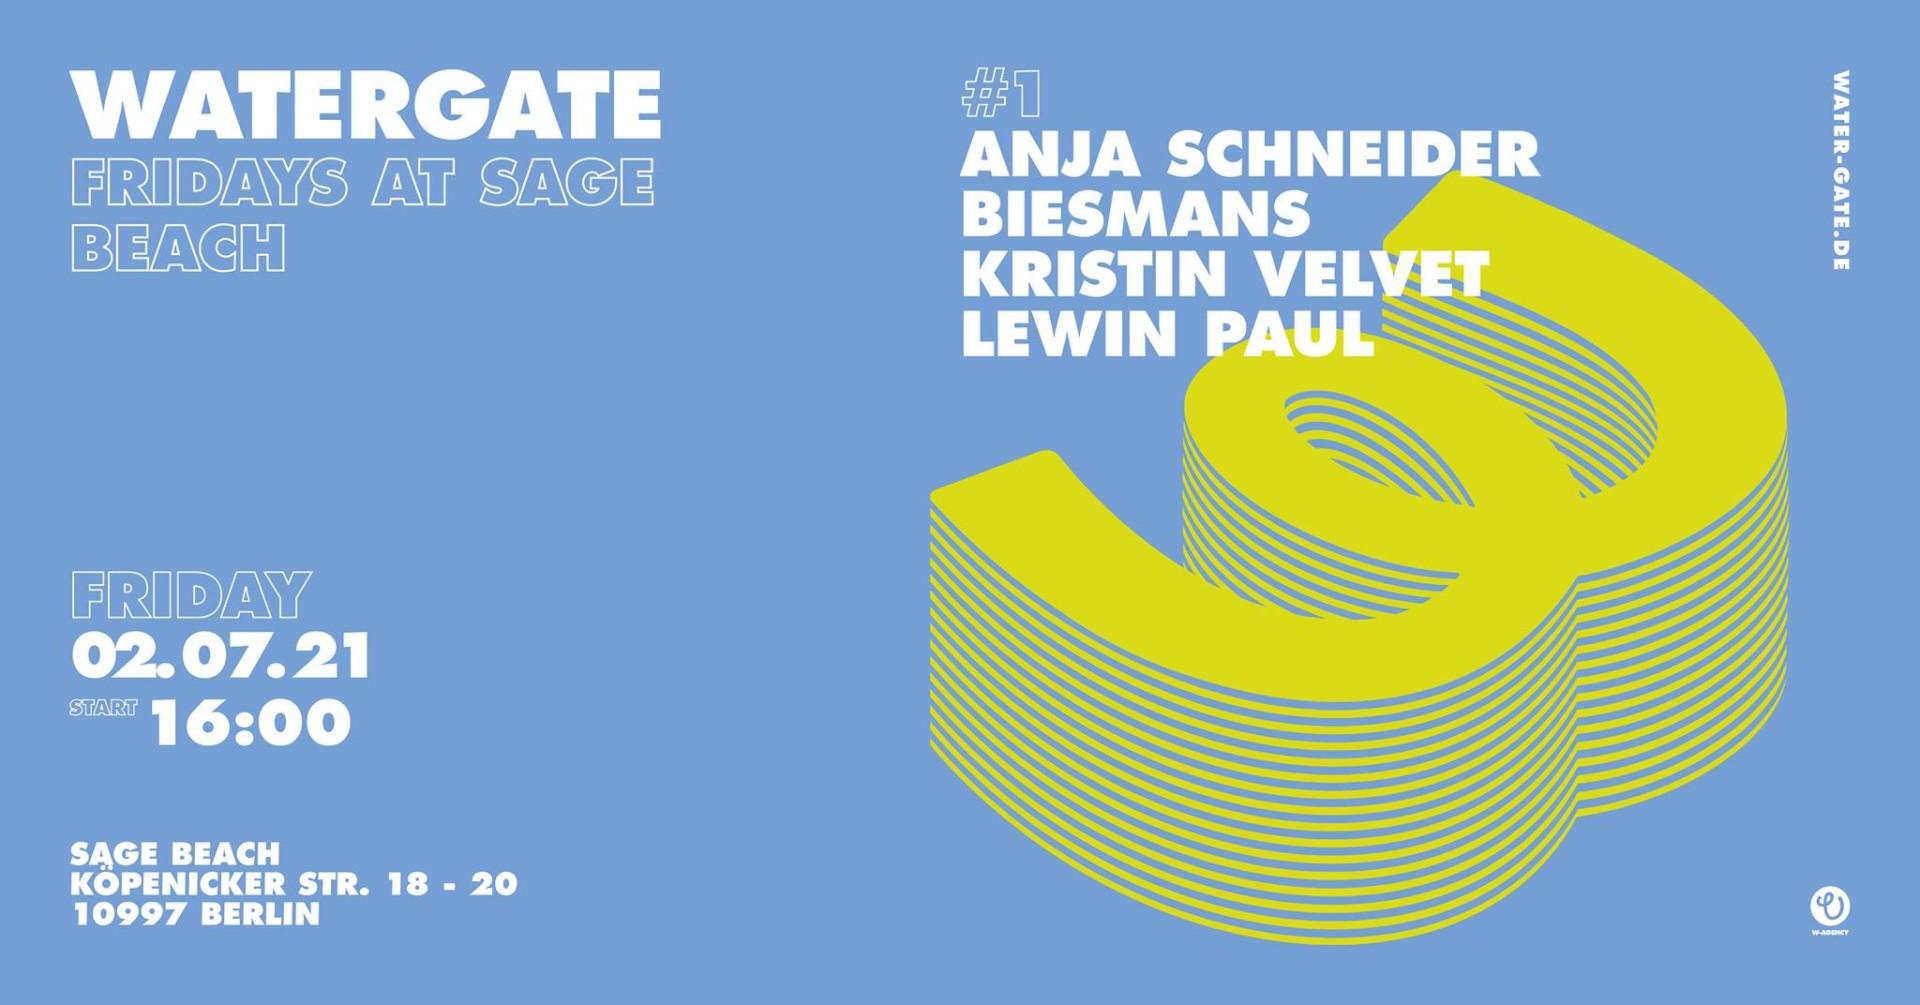 Watergate Fridays, Sage Beach, Anja Schneider, Biesmans, Kristin Velvet,Lewin Paul